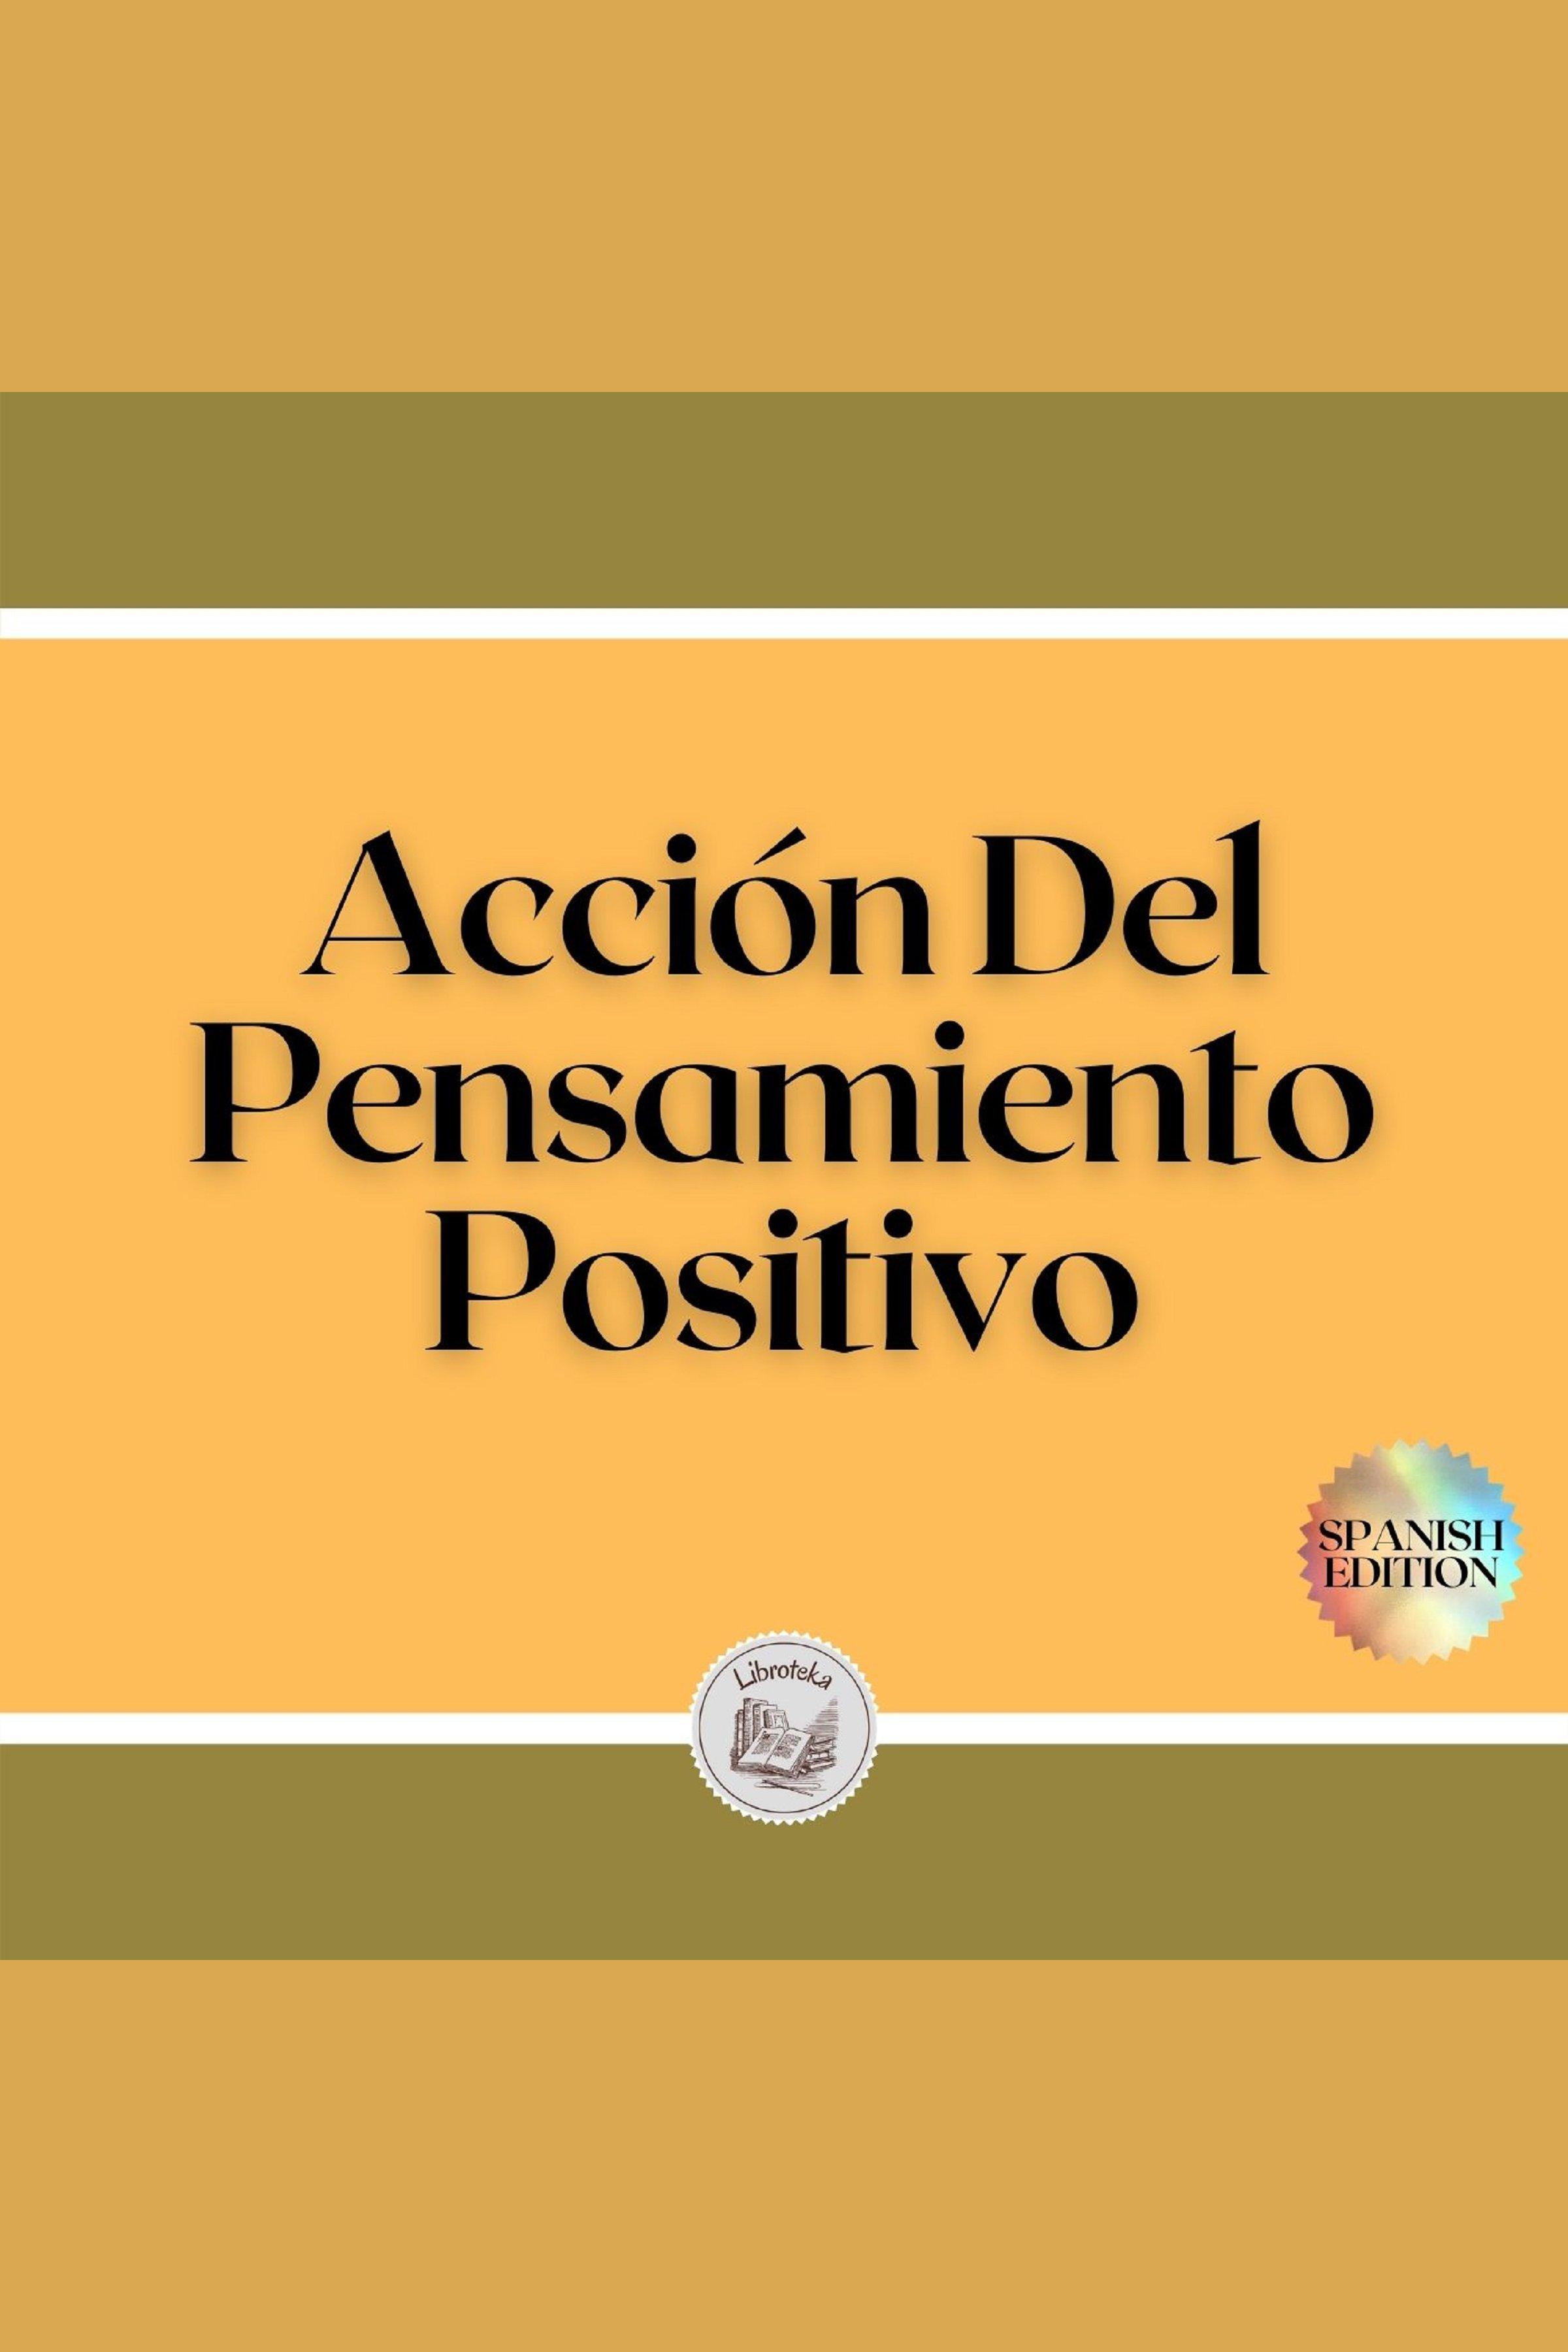 Esta es la portada del audiolibro Acción Del Pensamiento Positivo